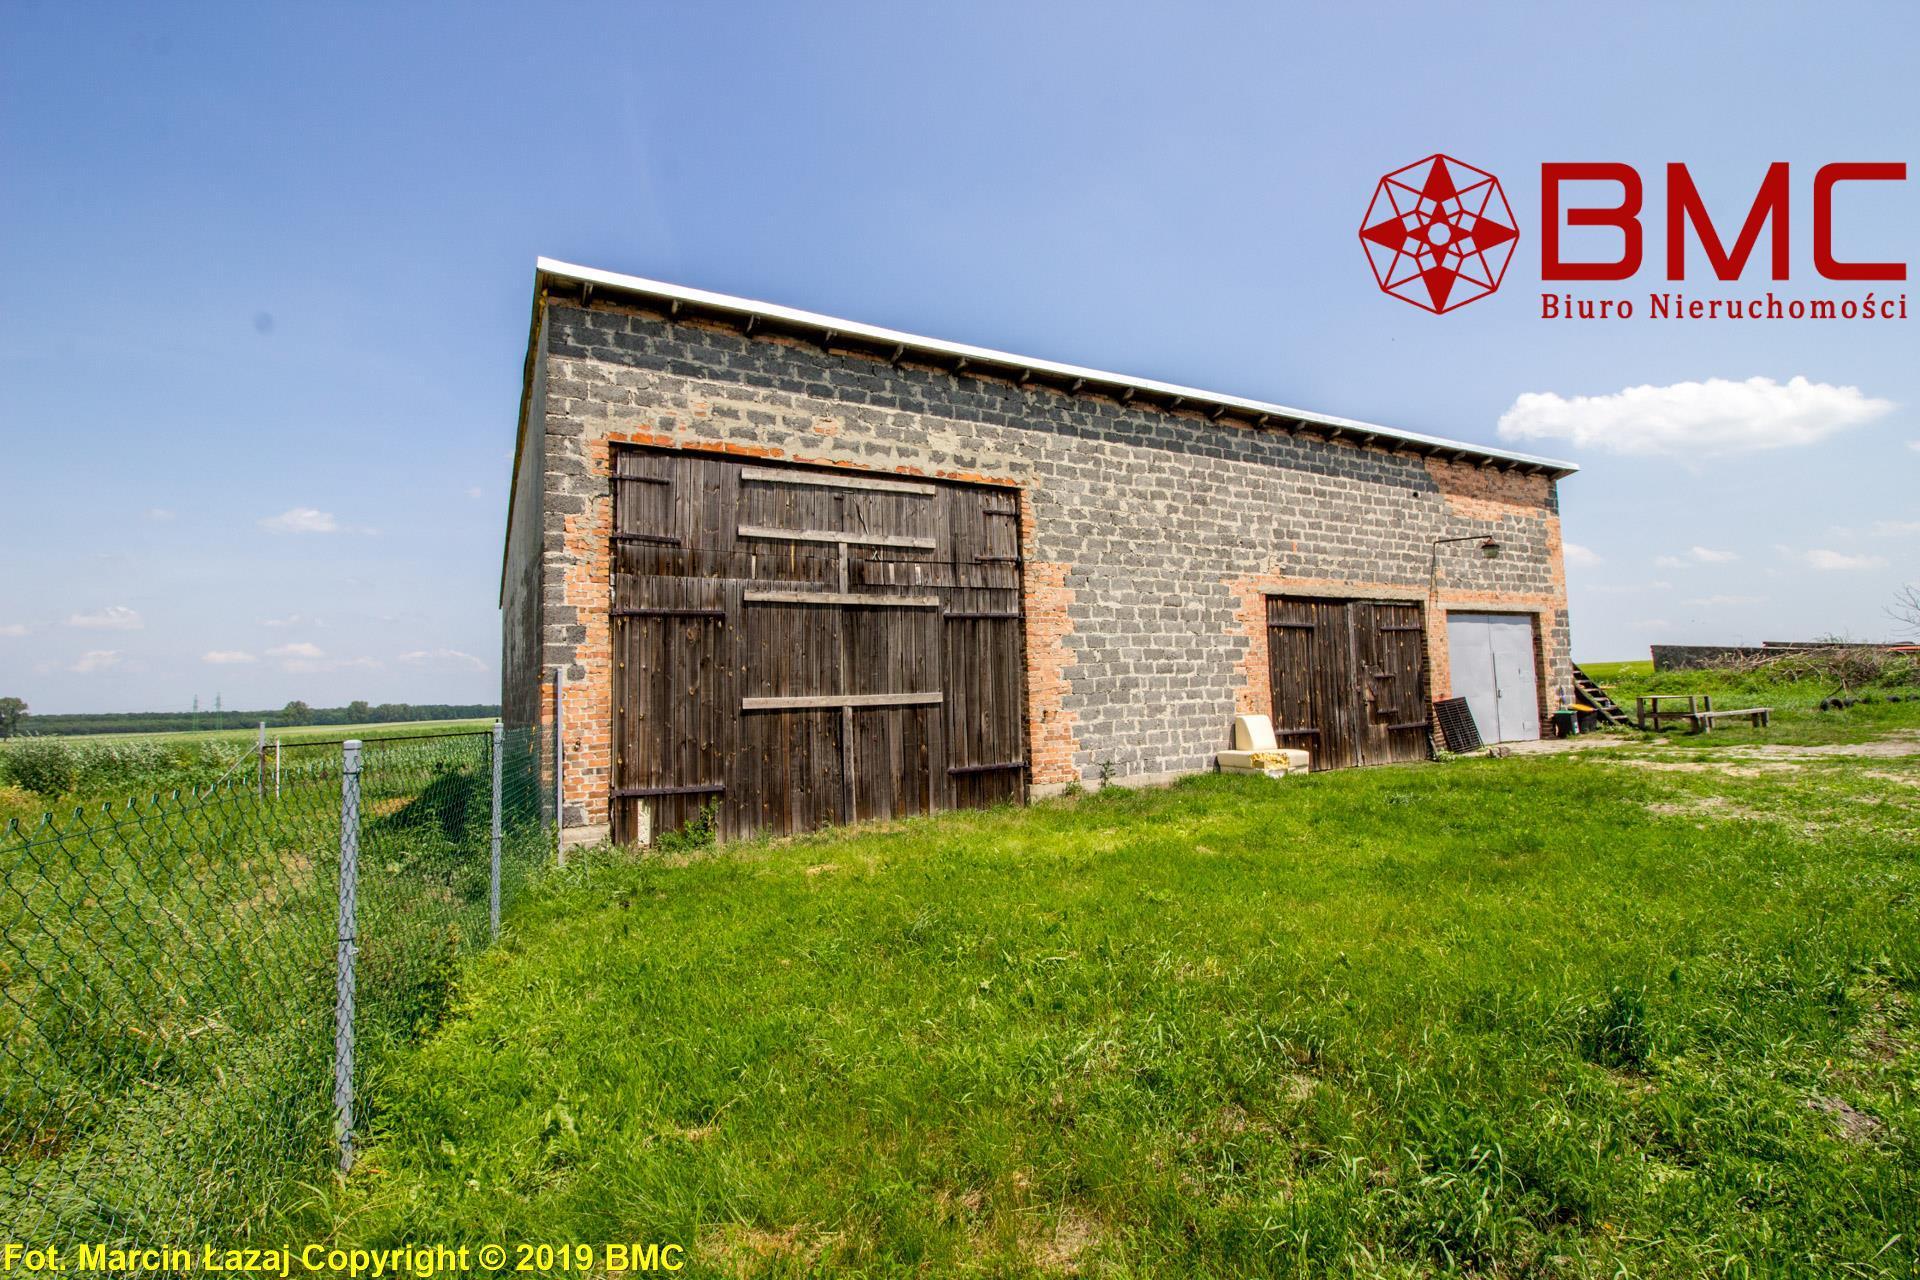 Nieruchomość Obiekt wynajem Radonia Hala-magazyn 200m2 - Radonia1